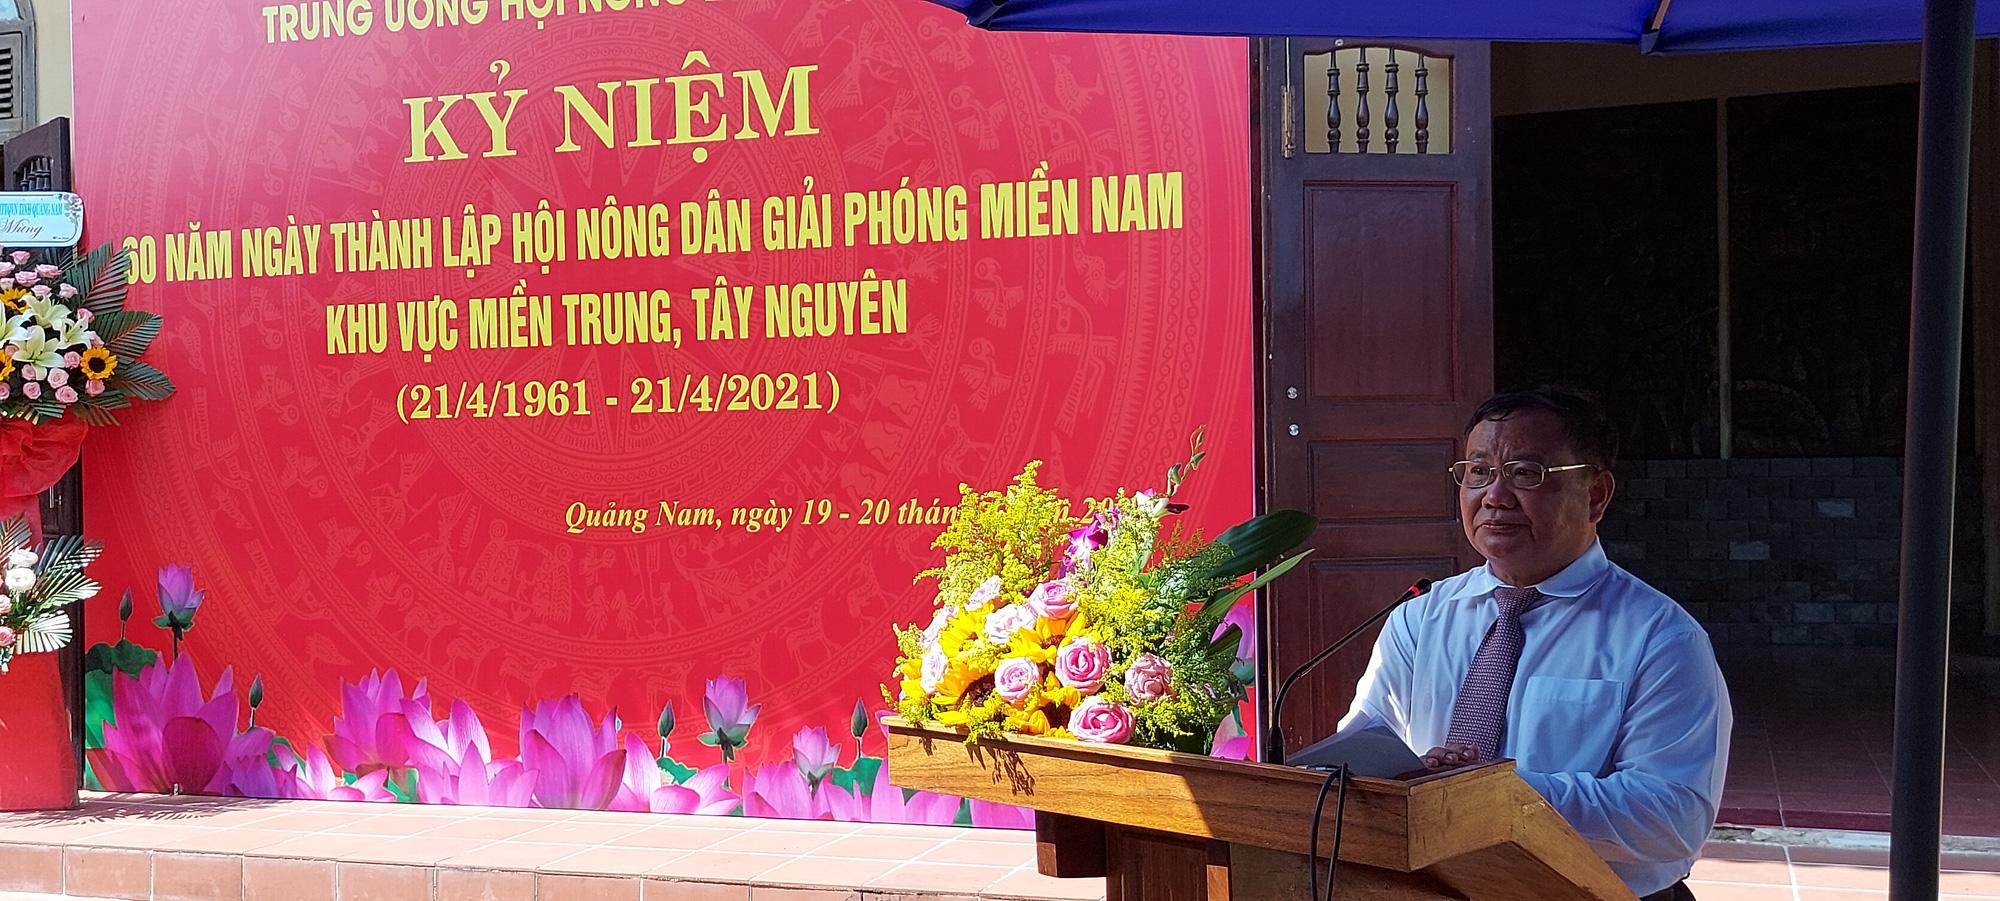 Trung ương Hội Nông dân Việt Nam về nguồn tưởng nhớ các anh hùng nông dân - Ảnh 2.